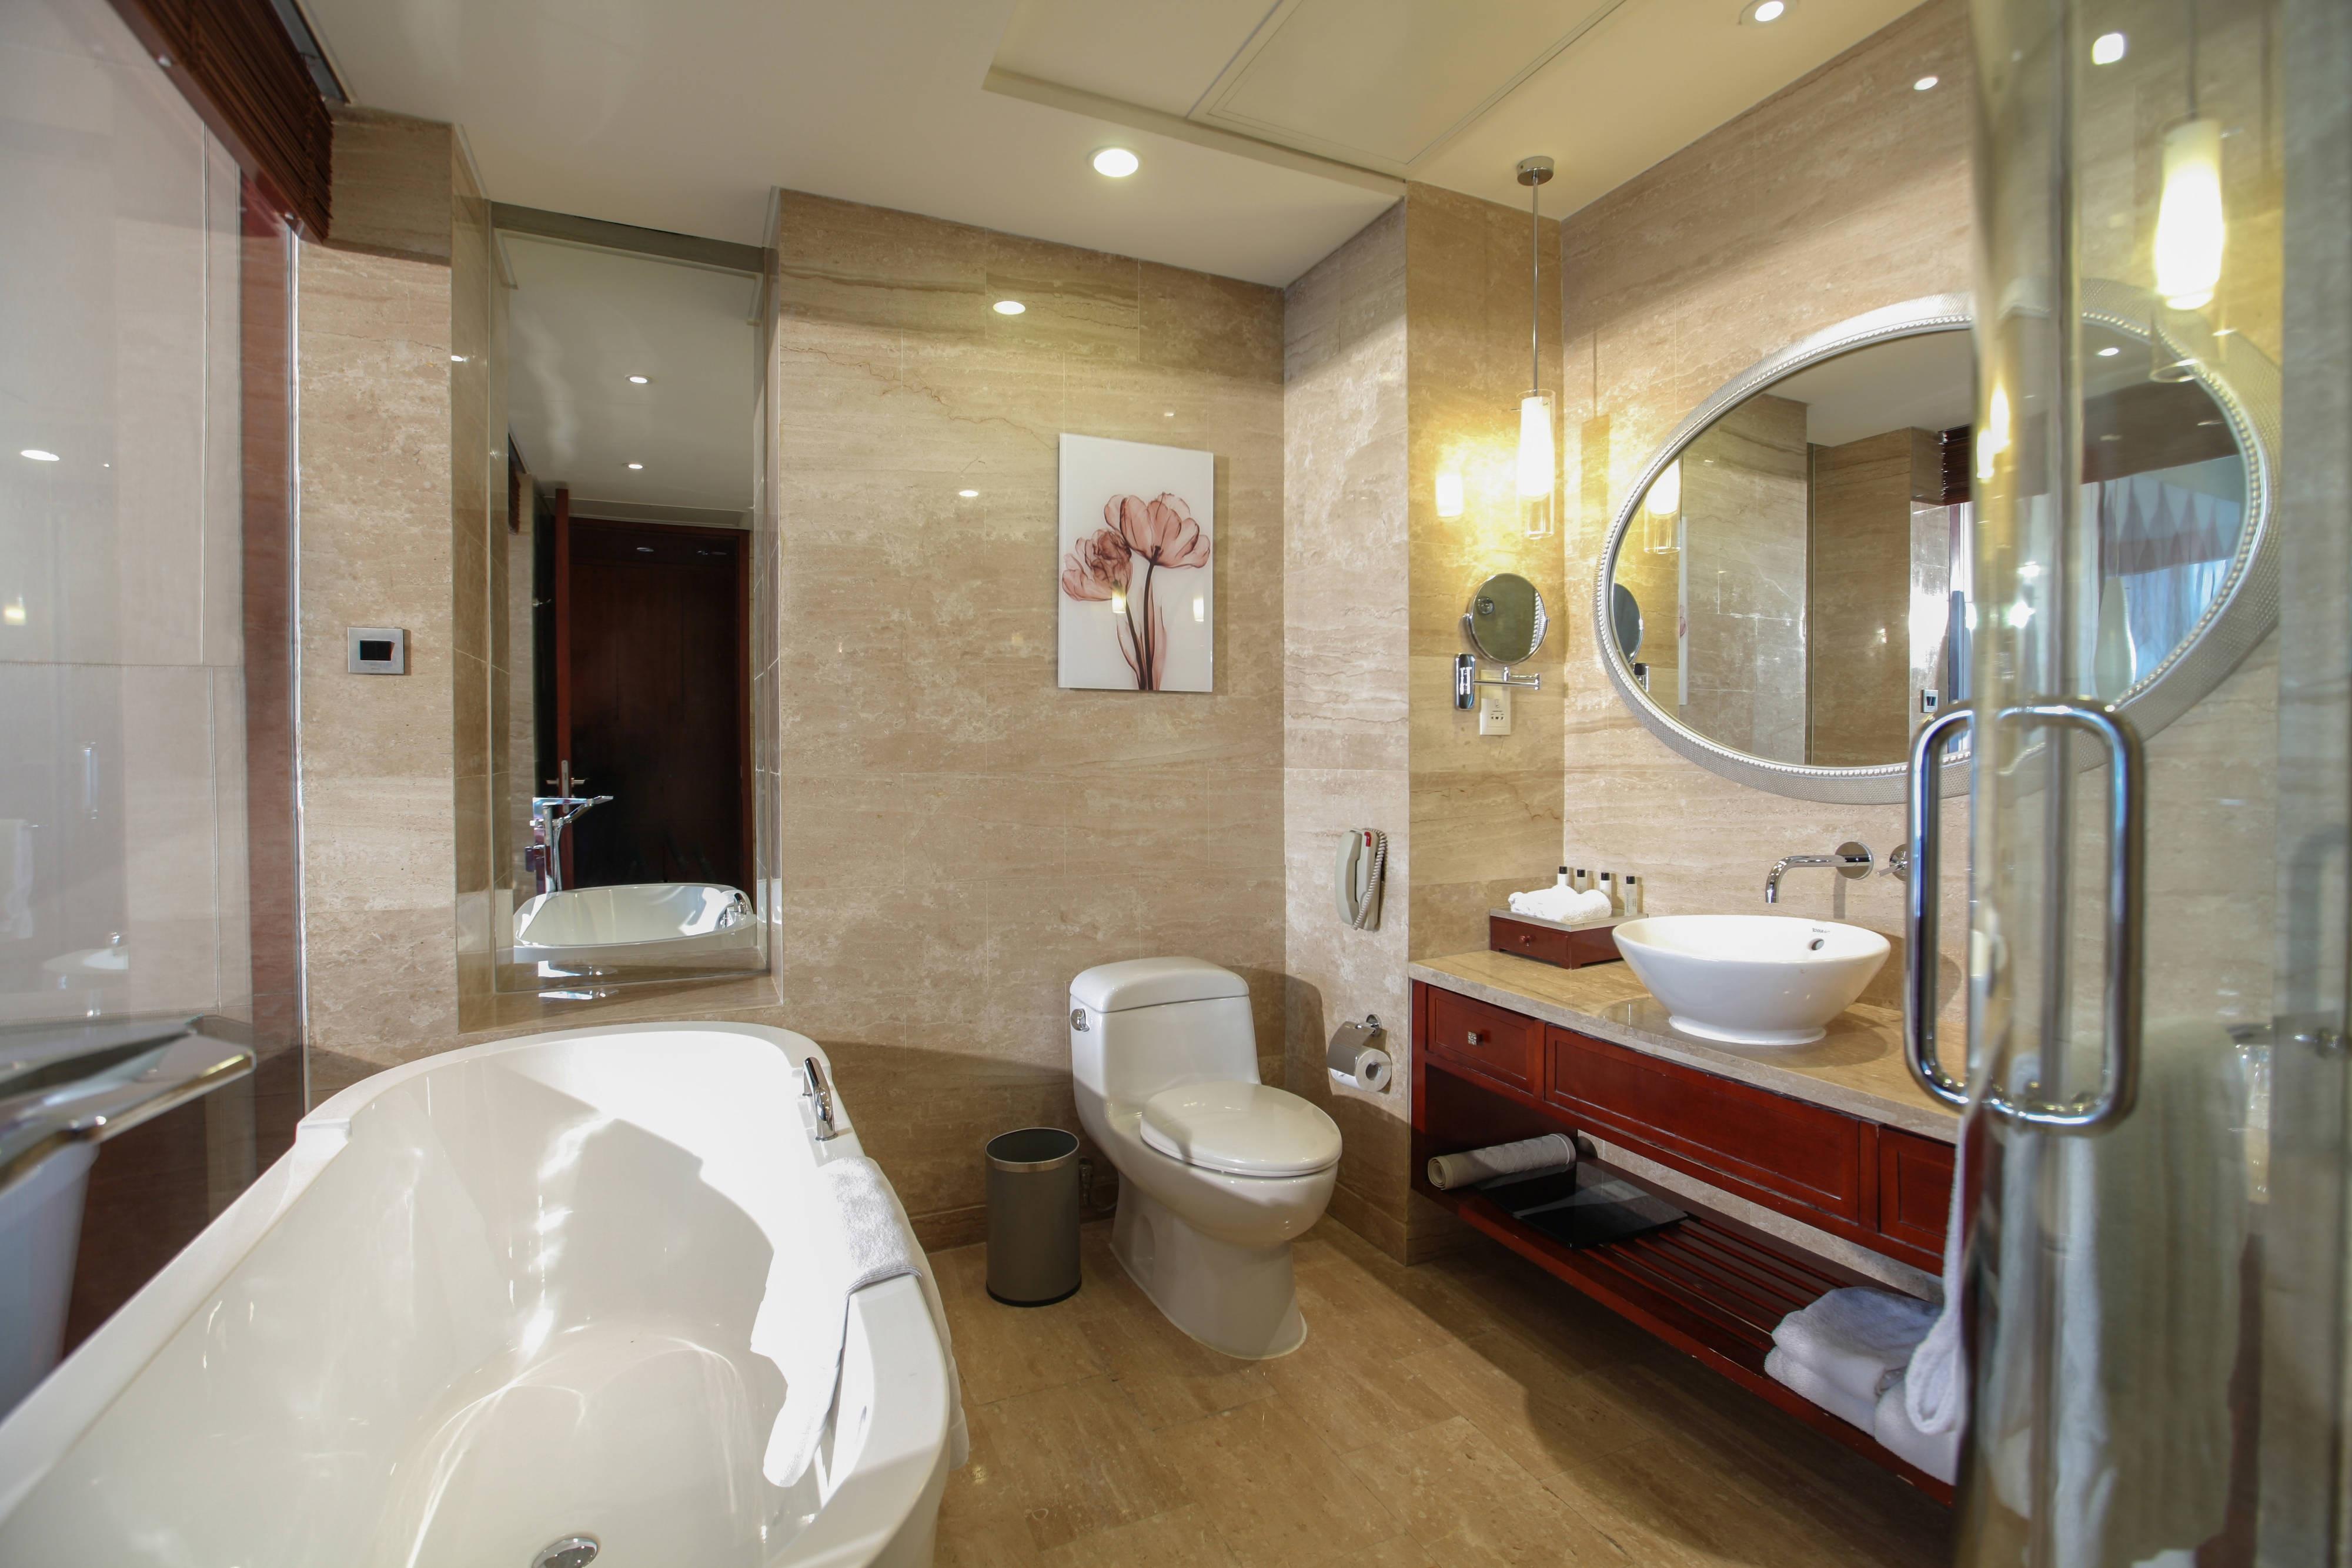 Salle de bains d'une chambre haut-de-gamme